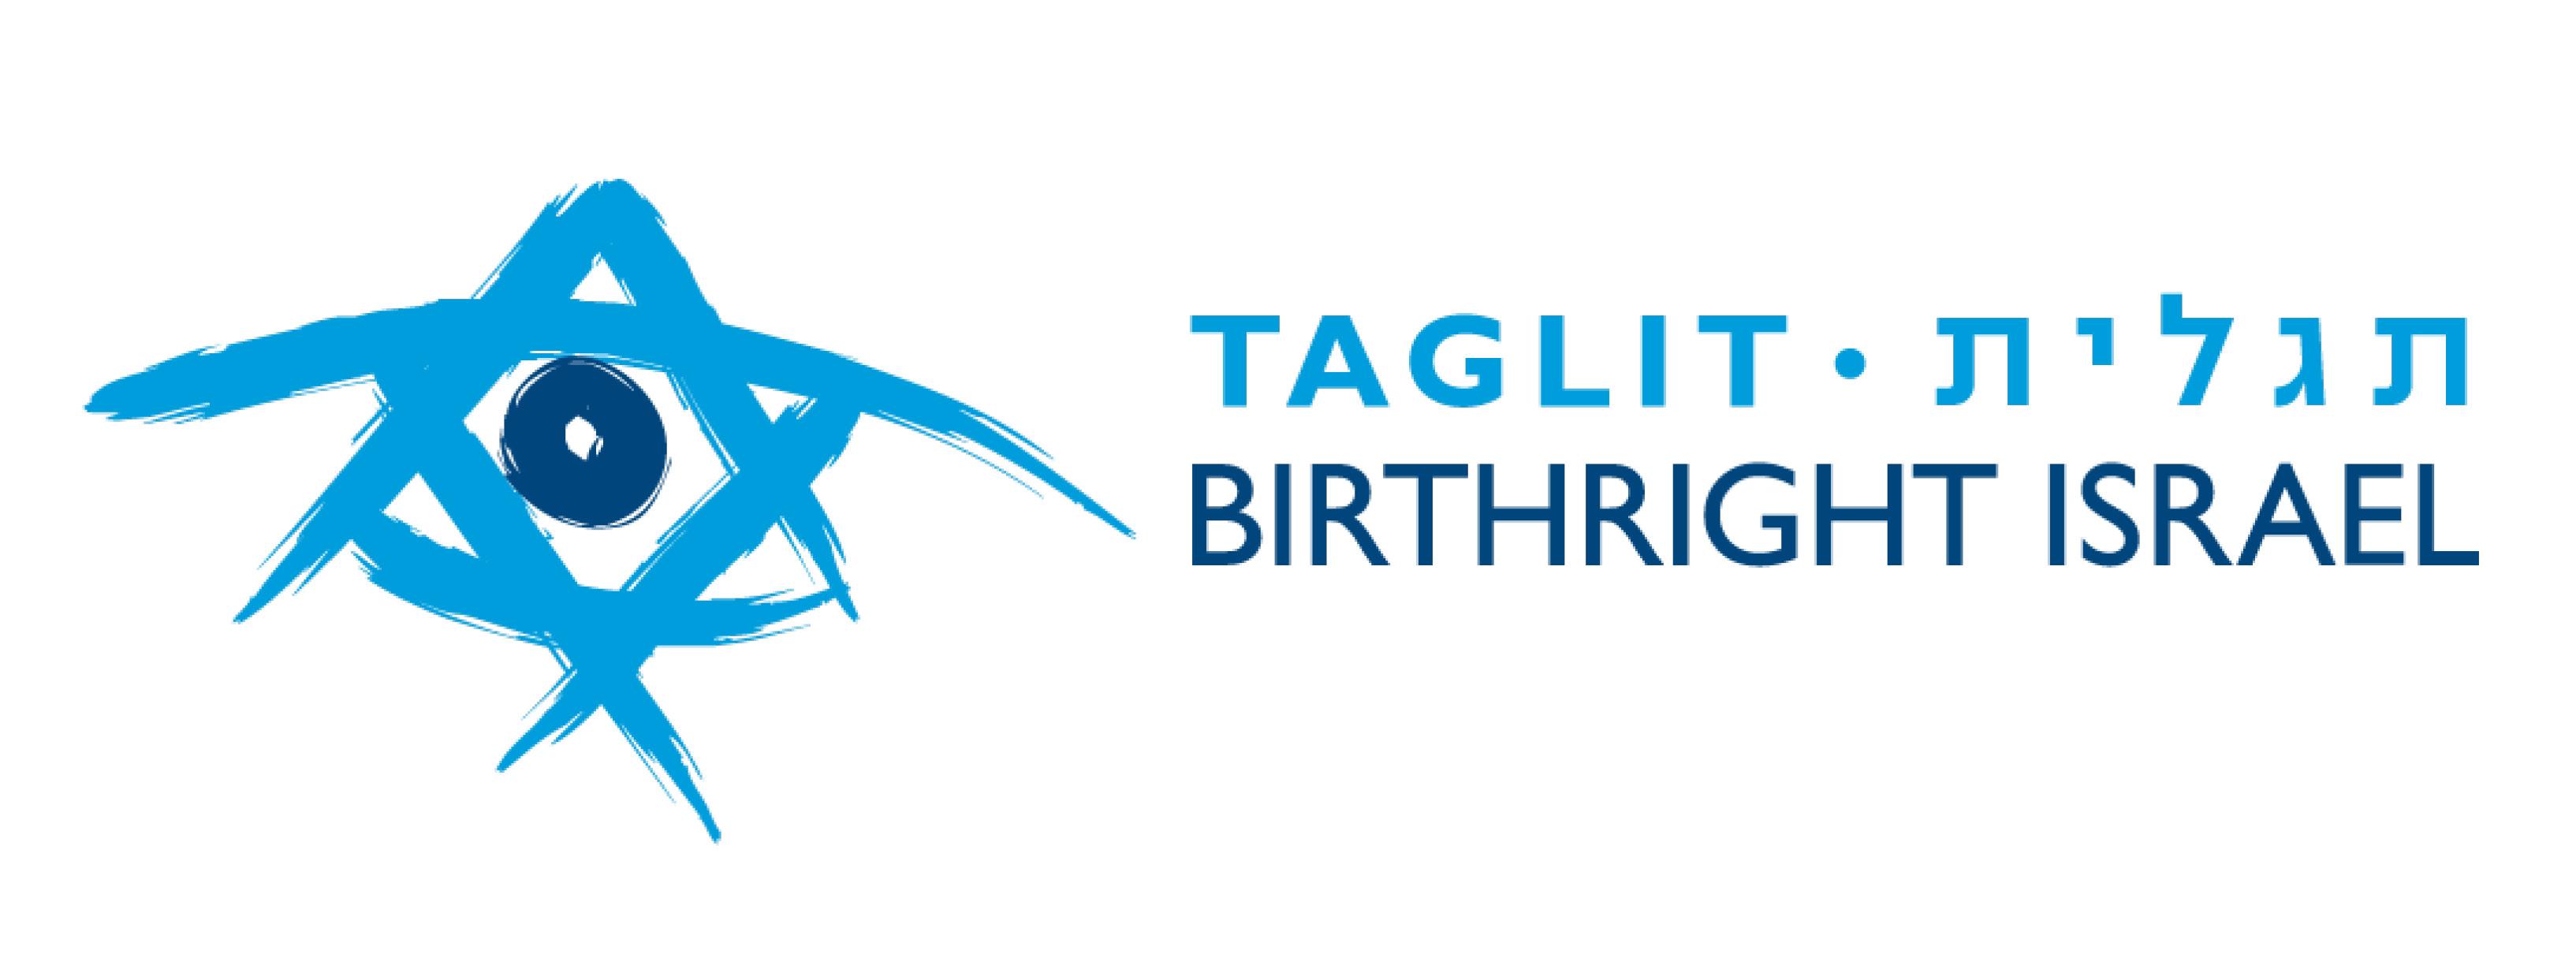 taglit birthright